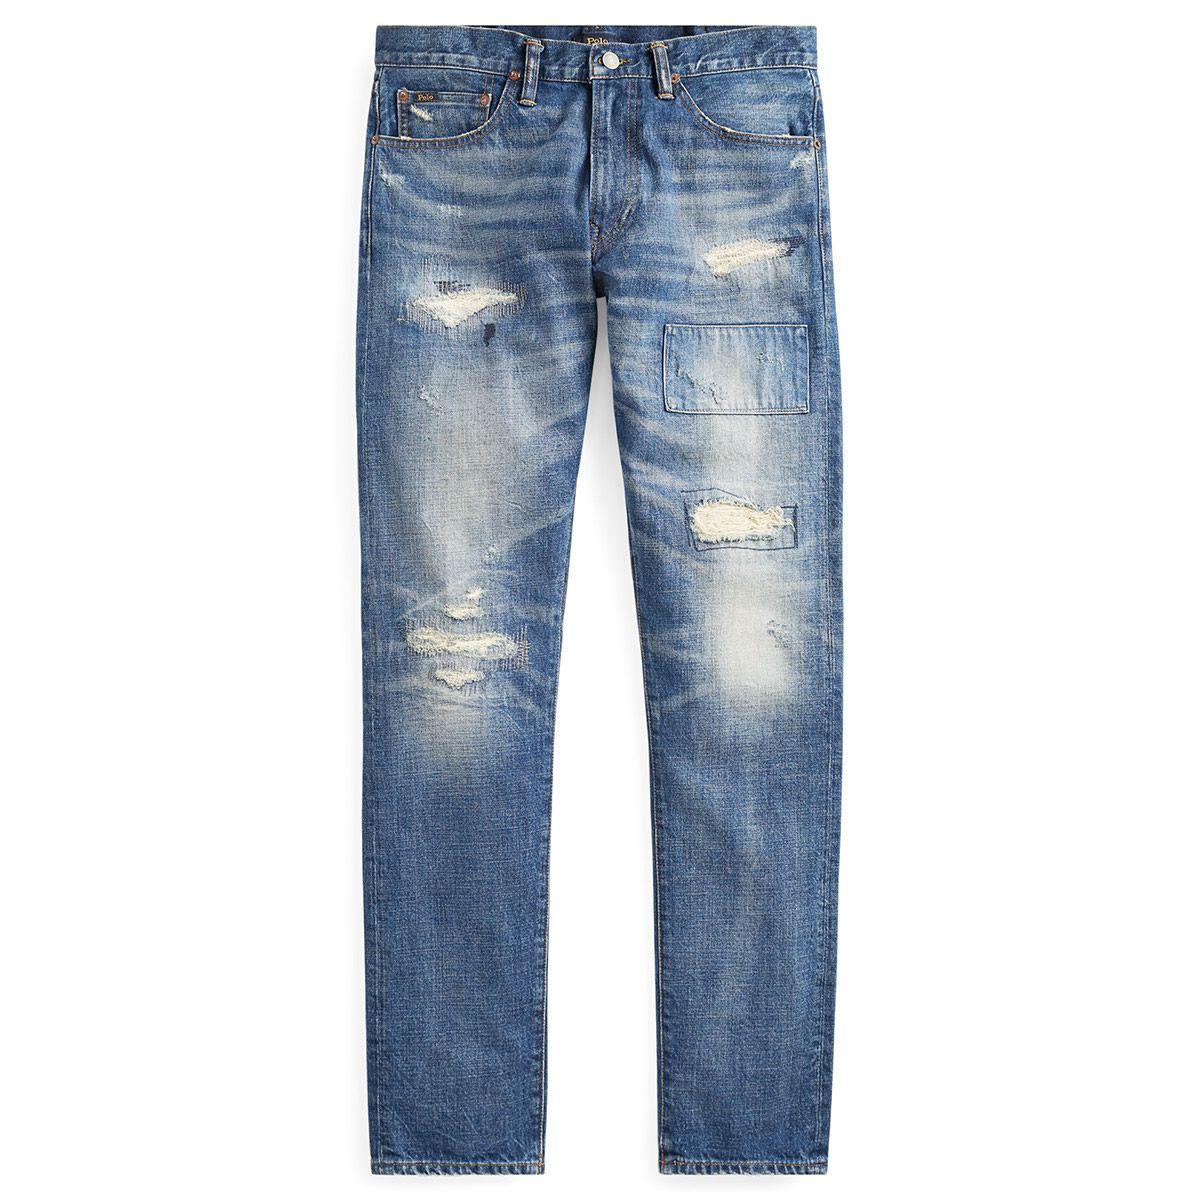 9bd2ca27610 Ralph Lauren Big and Tall Clothes for Men - Macy s